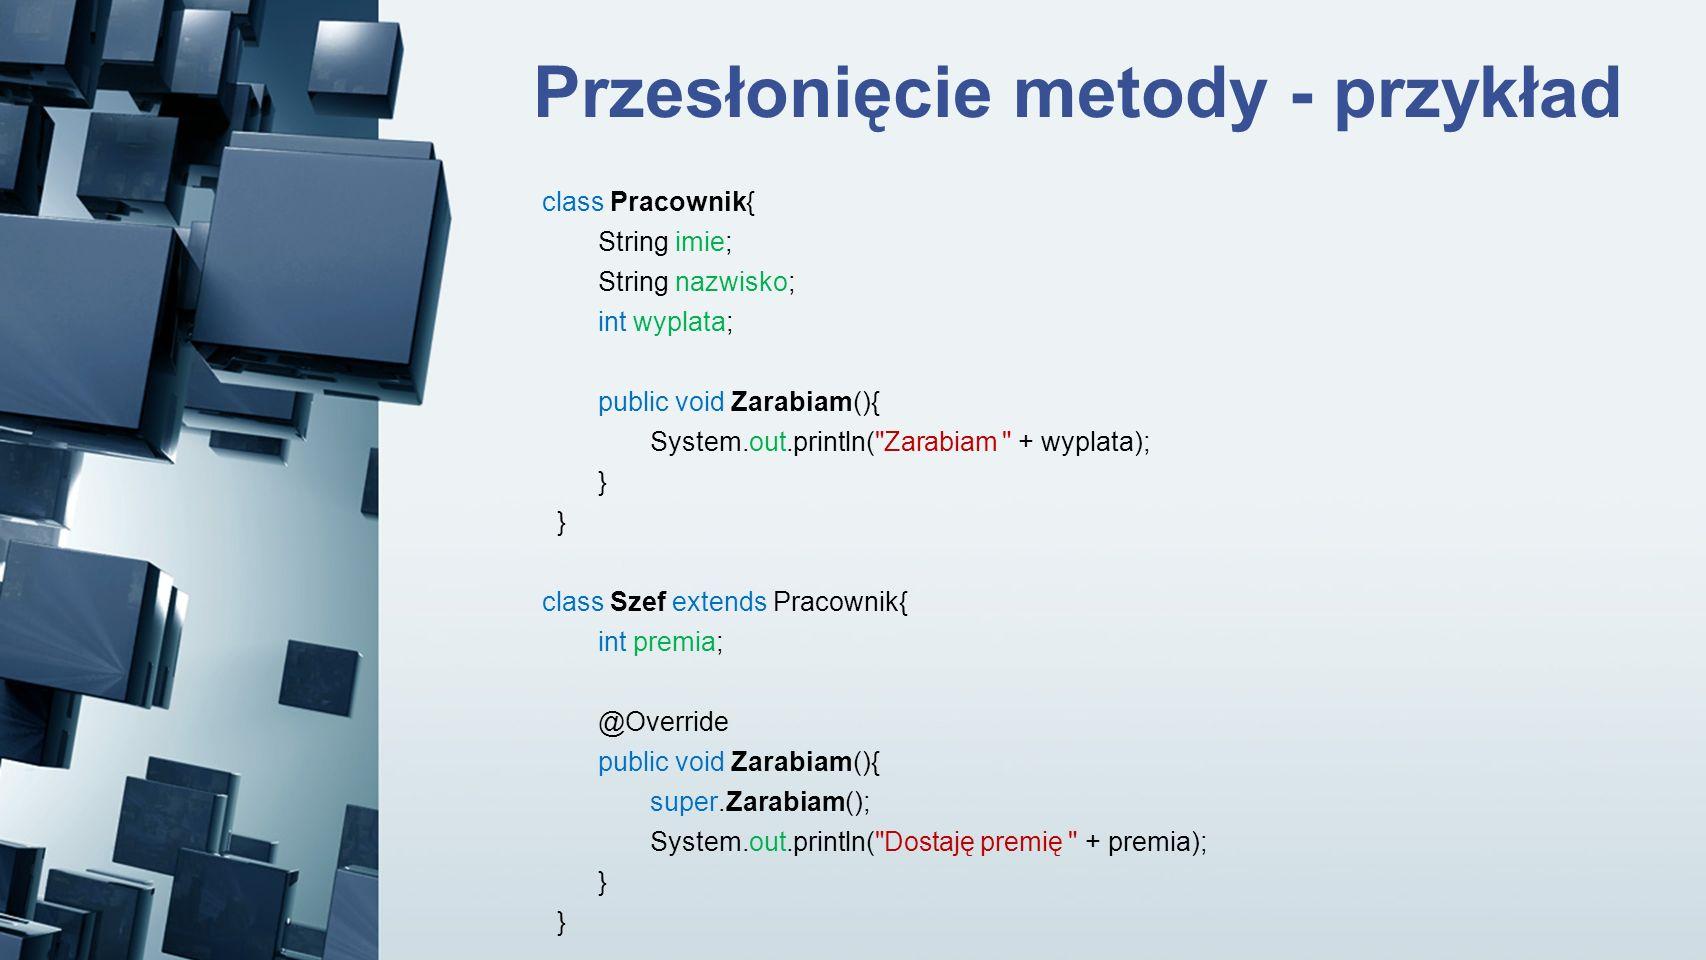 Przesłonięcie metody - przykład class Pracownik{ String imie; String nazwisko; int wyplata; public void Zarabiam(){ System.out.println(